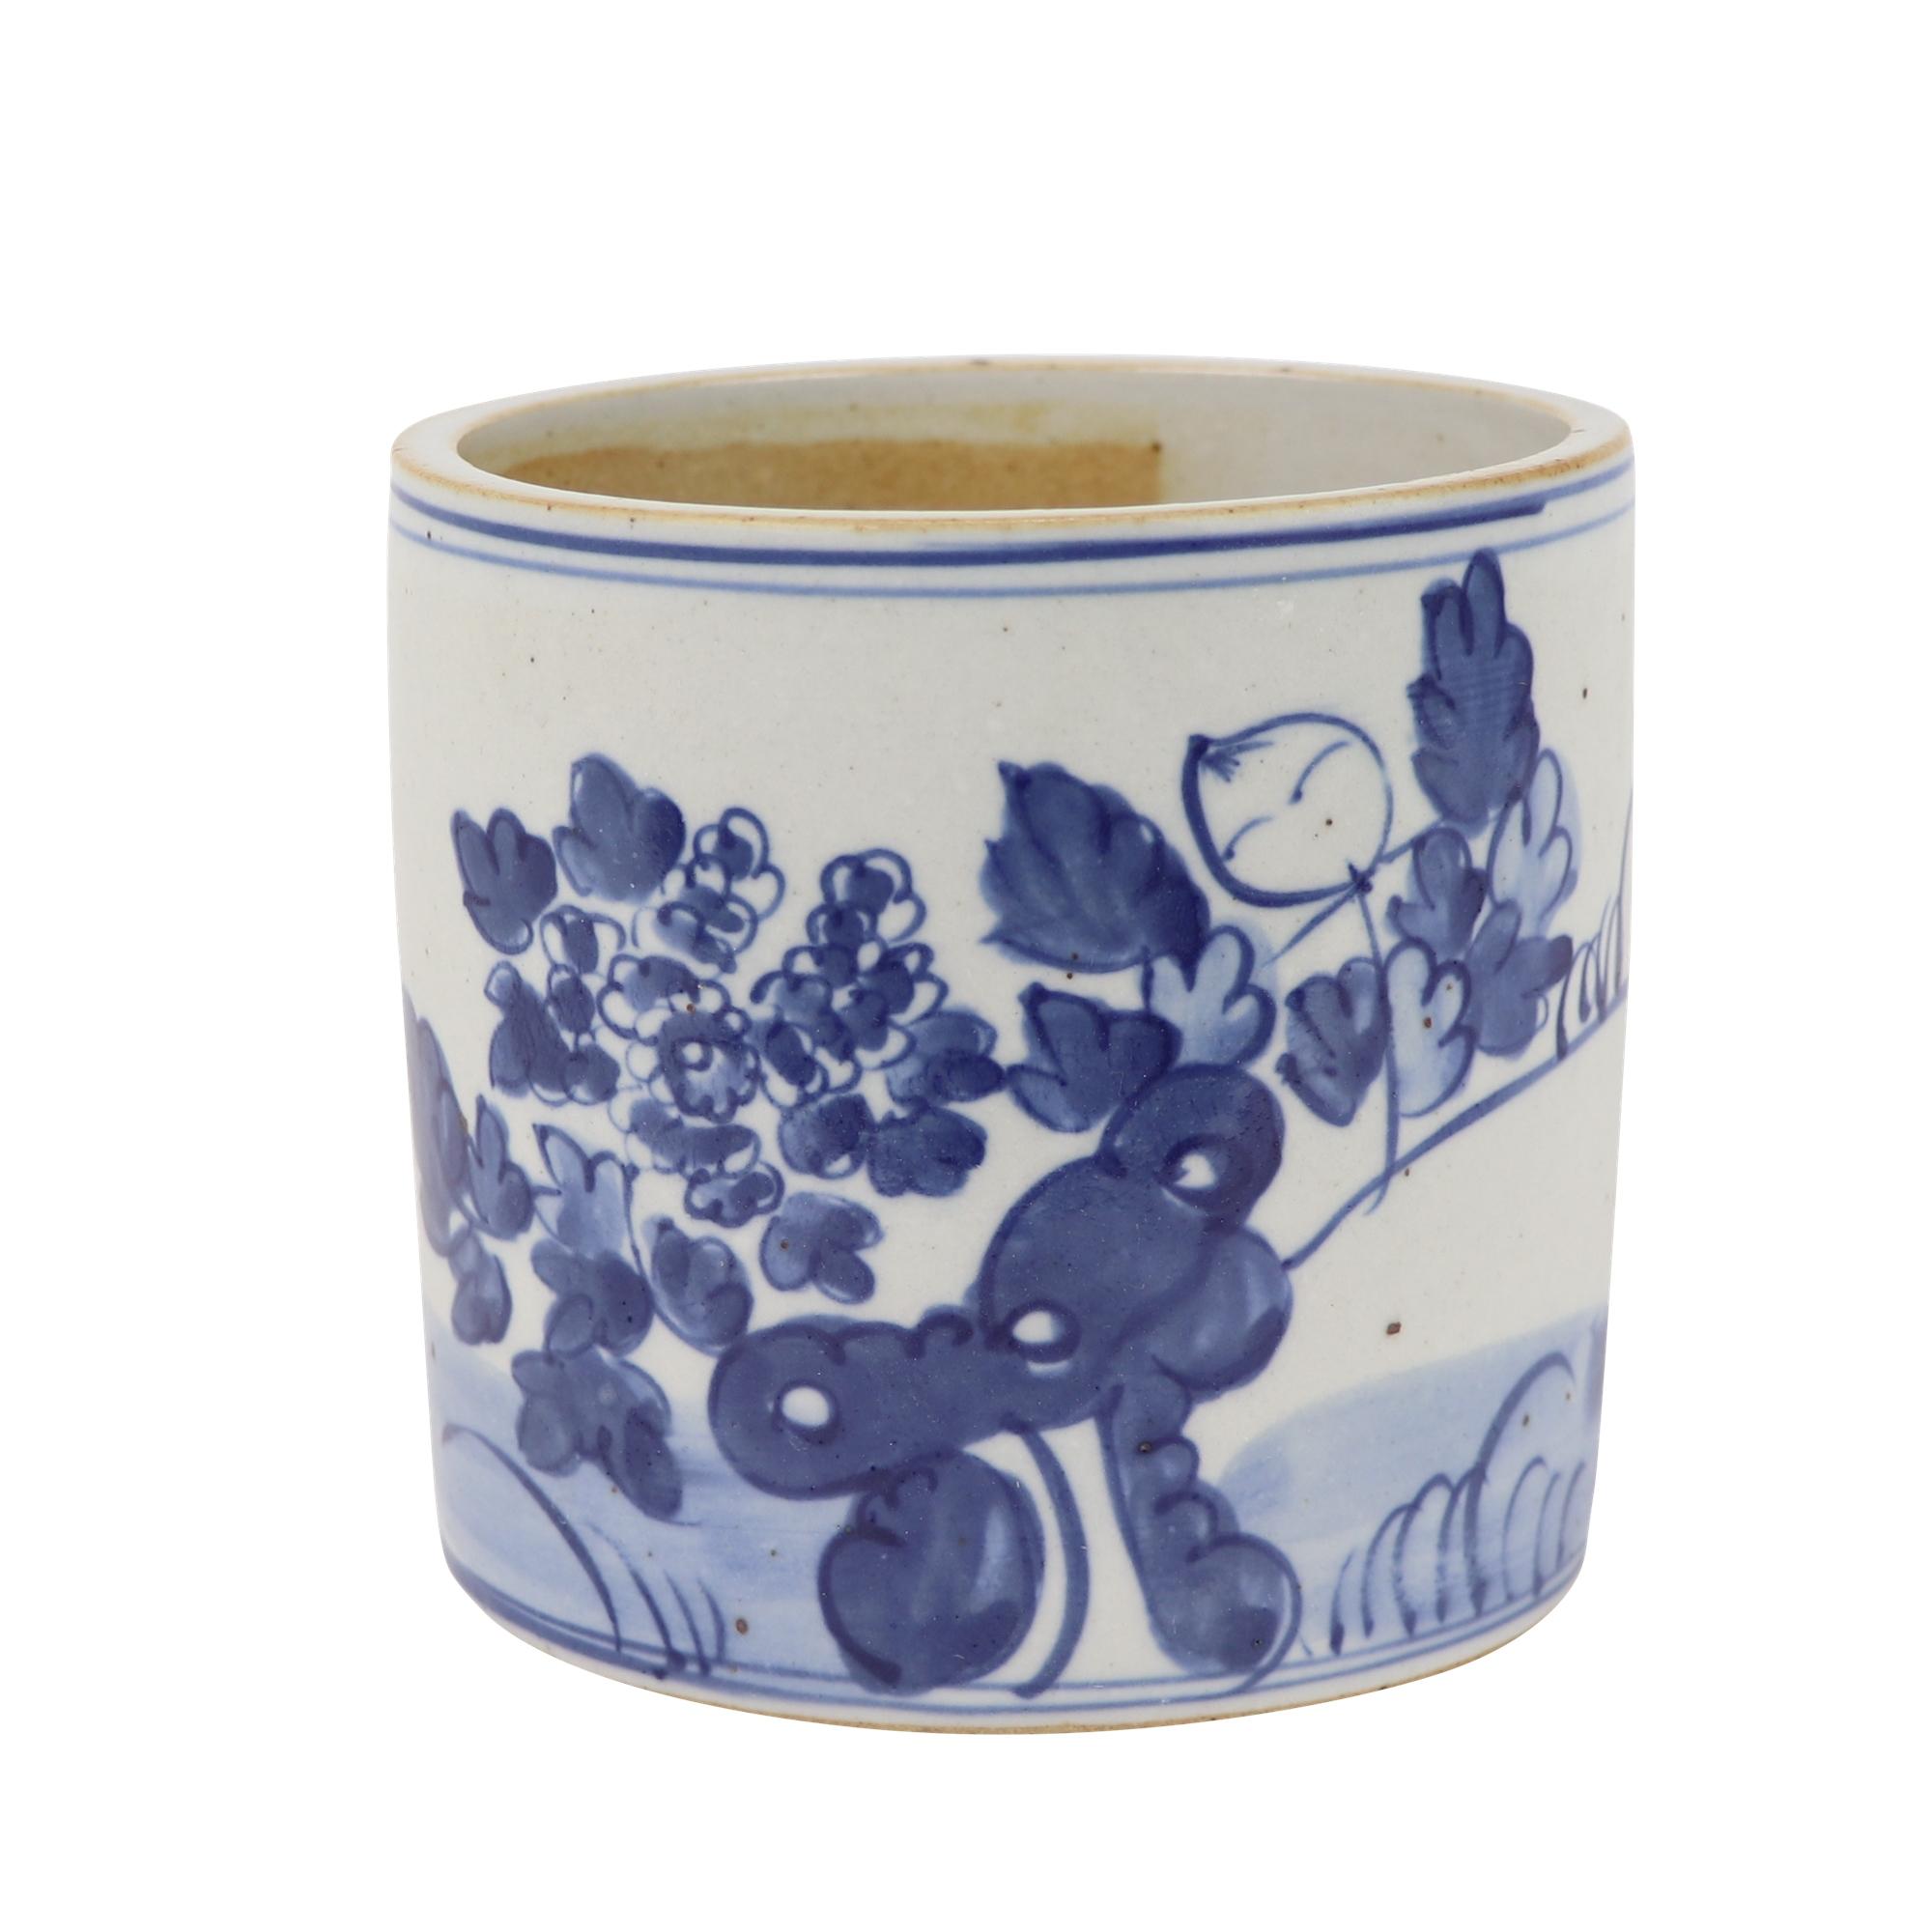 青花瓷花纹设计的圆形笔筒